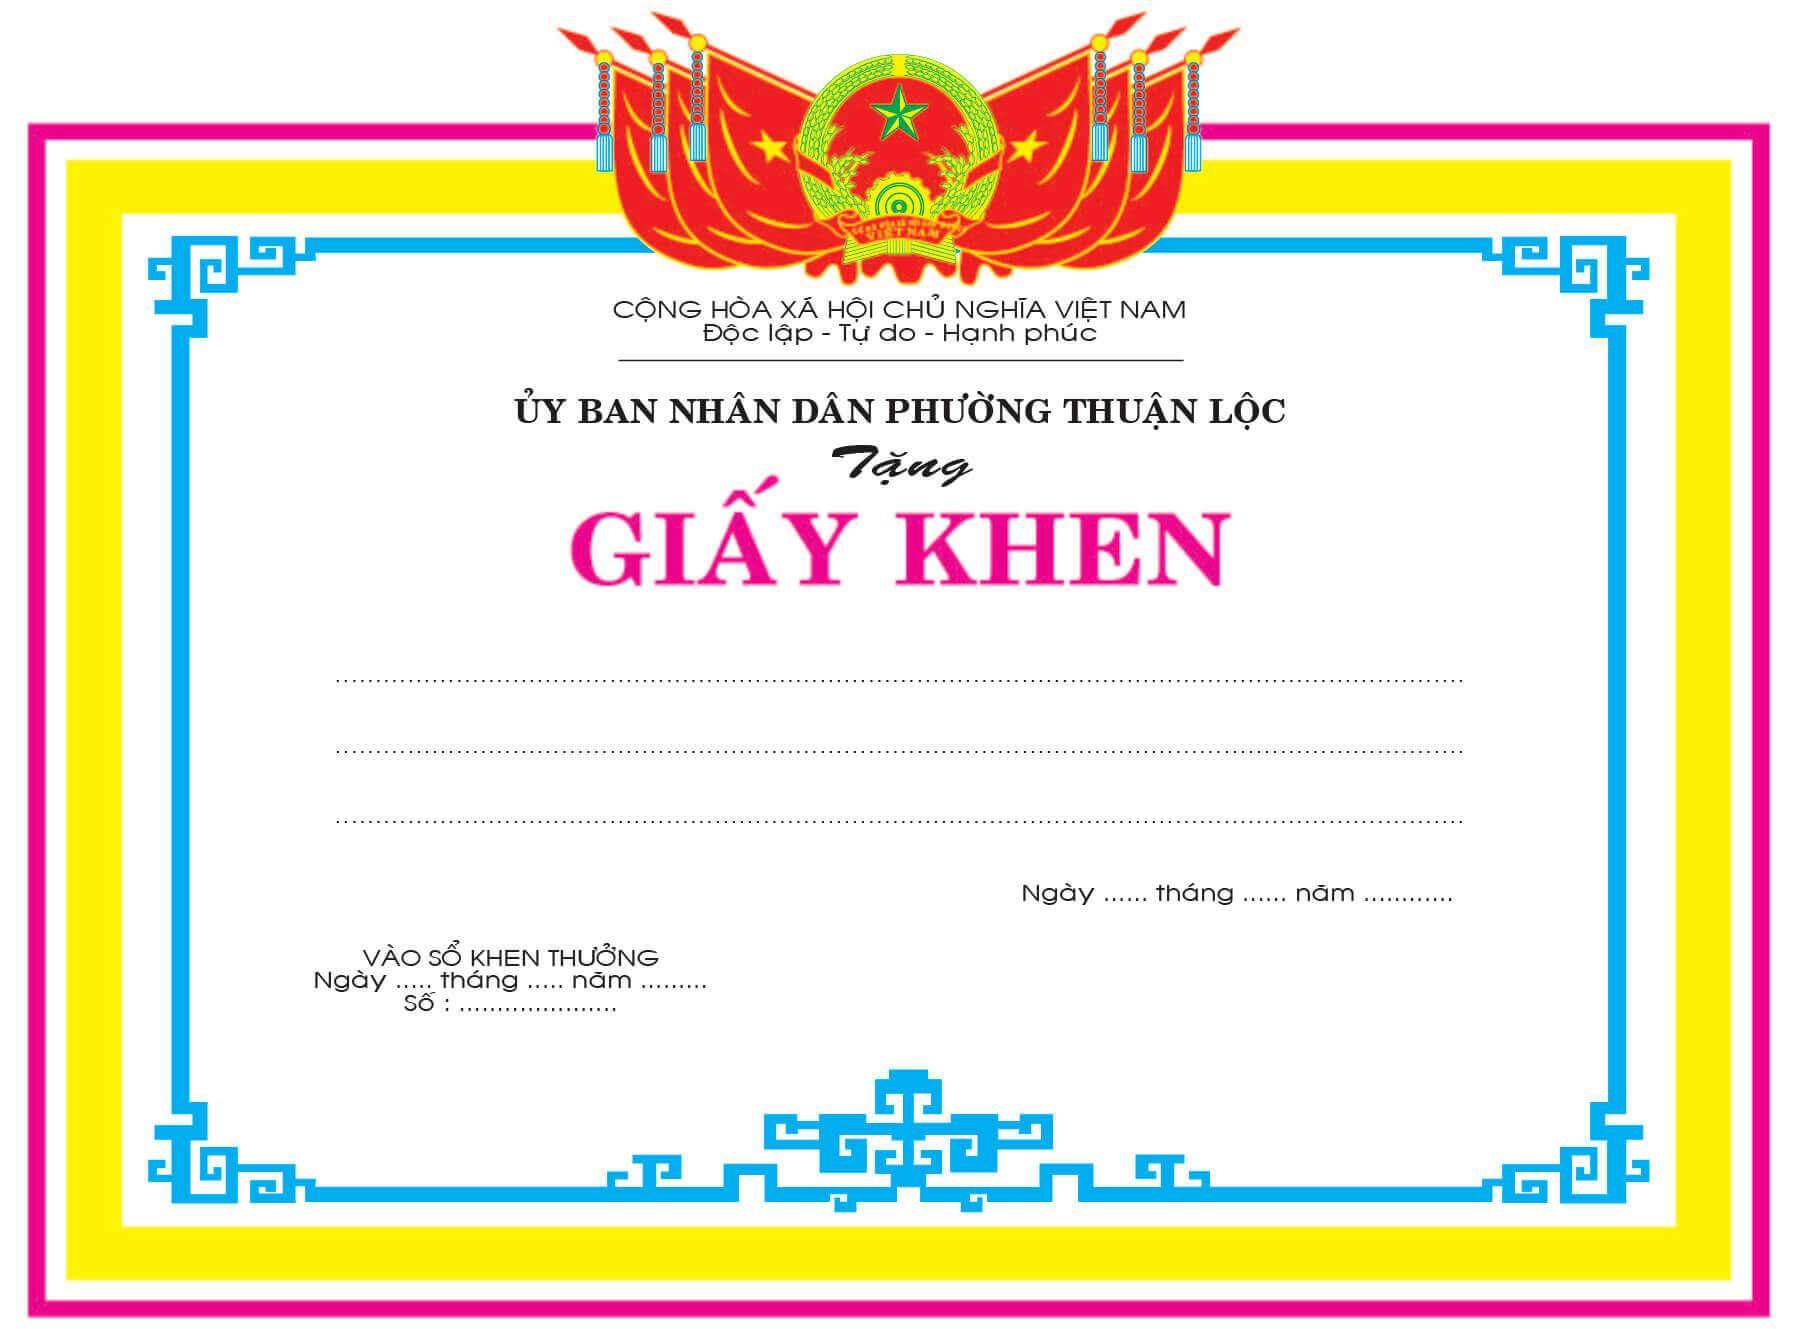 Mẫu giấy khen 007 - mẫu giấy khen Ủy Ban Nhân Dân - Link Download : https://adsnew.net/j7AVWYP